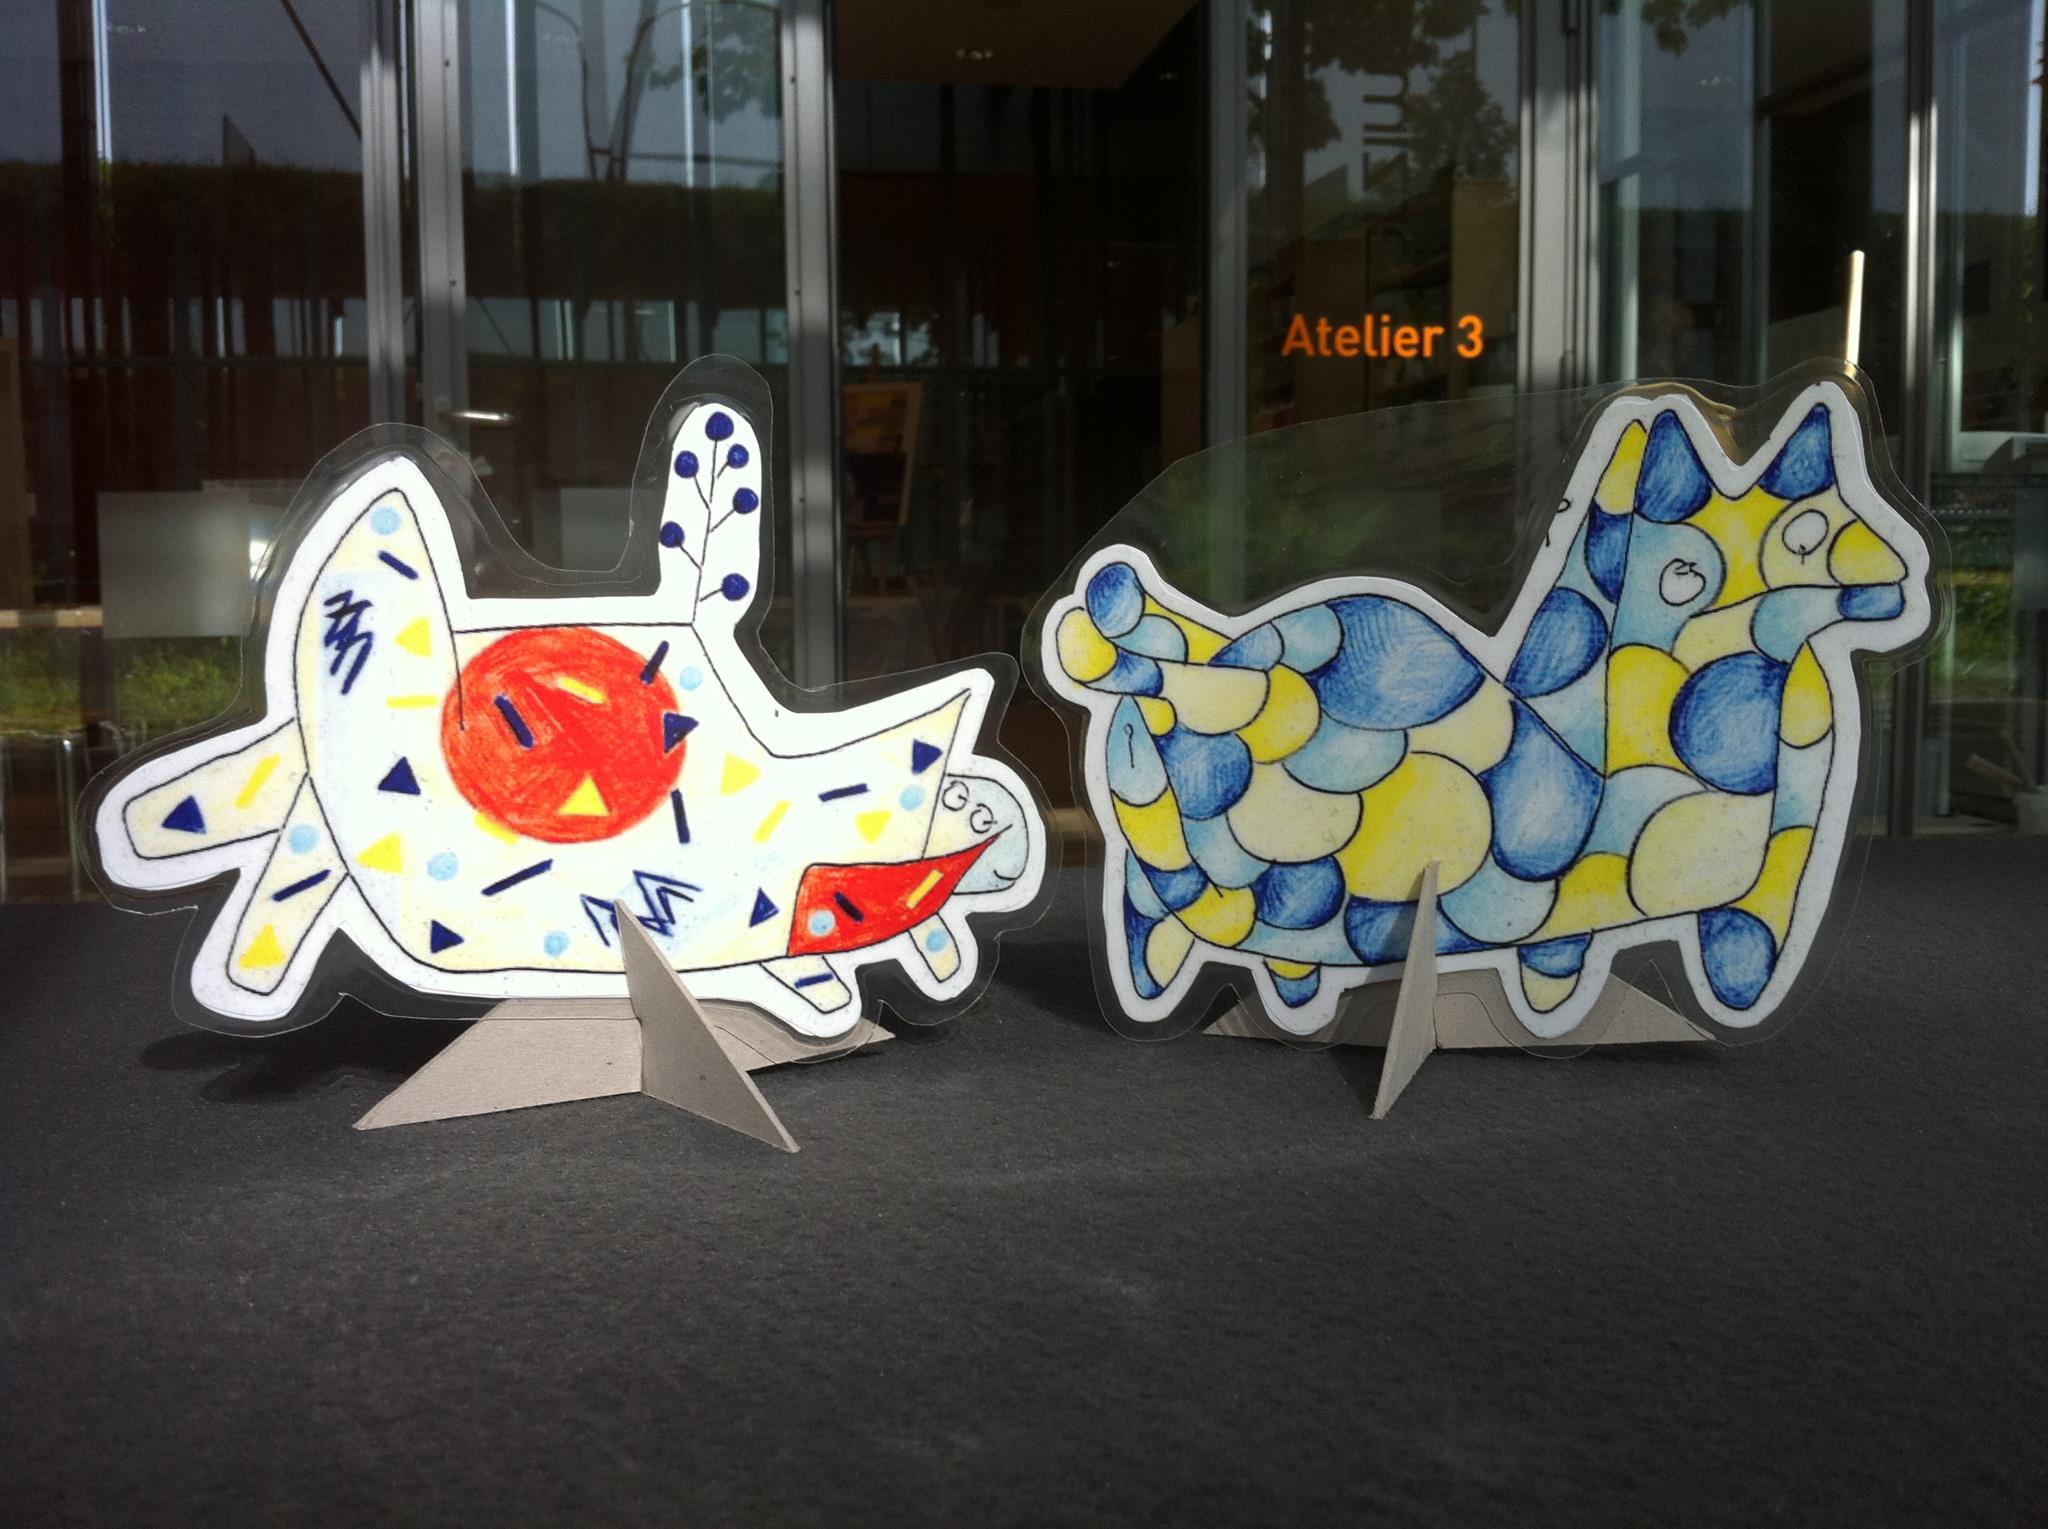 Tiergarten-julia-tabakhova-Creaviva-Zentrum-Paul-Klee